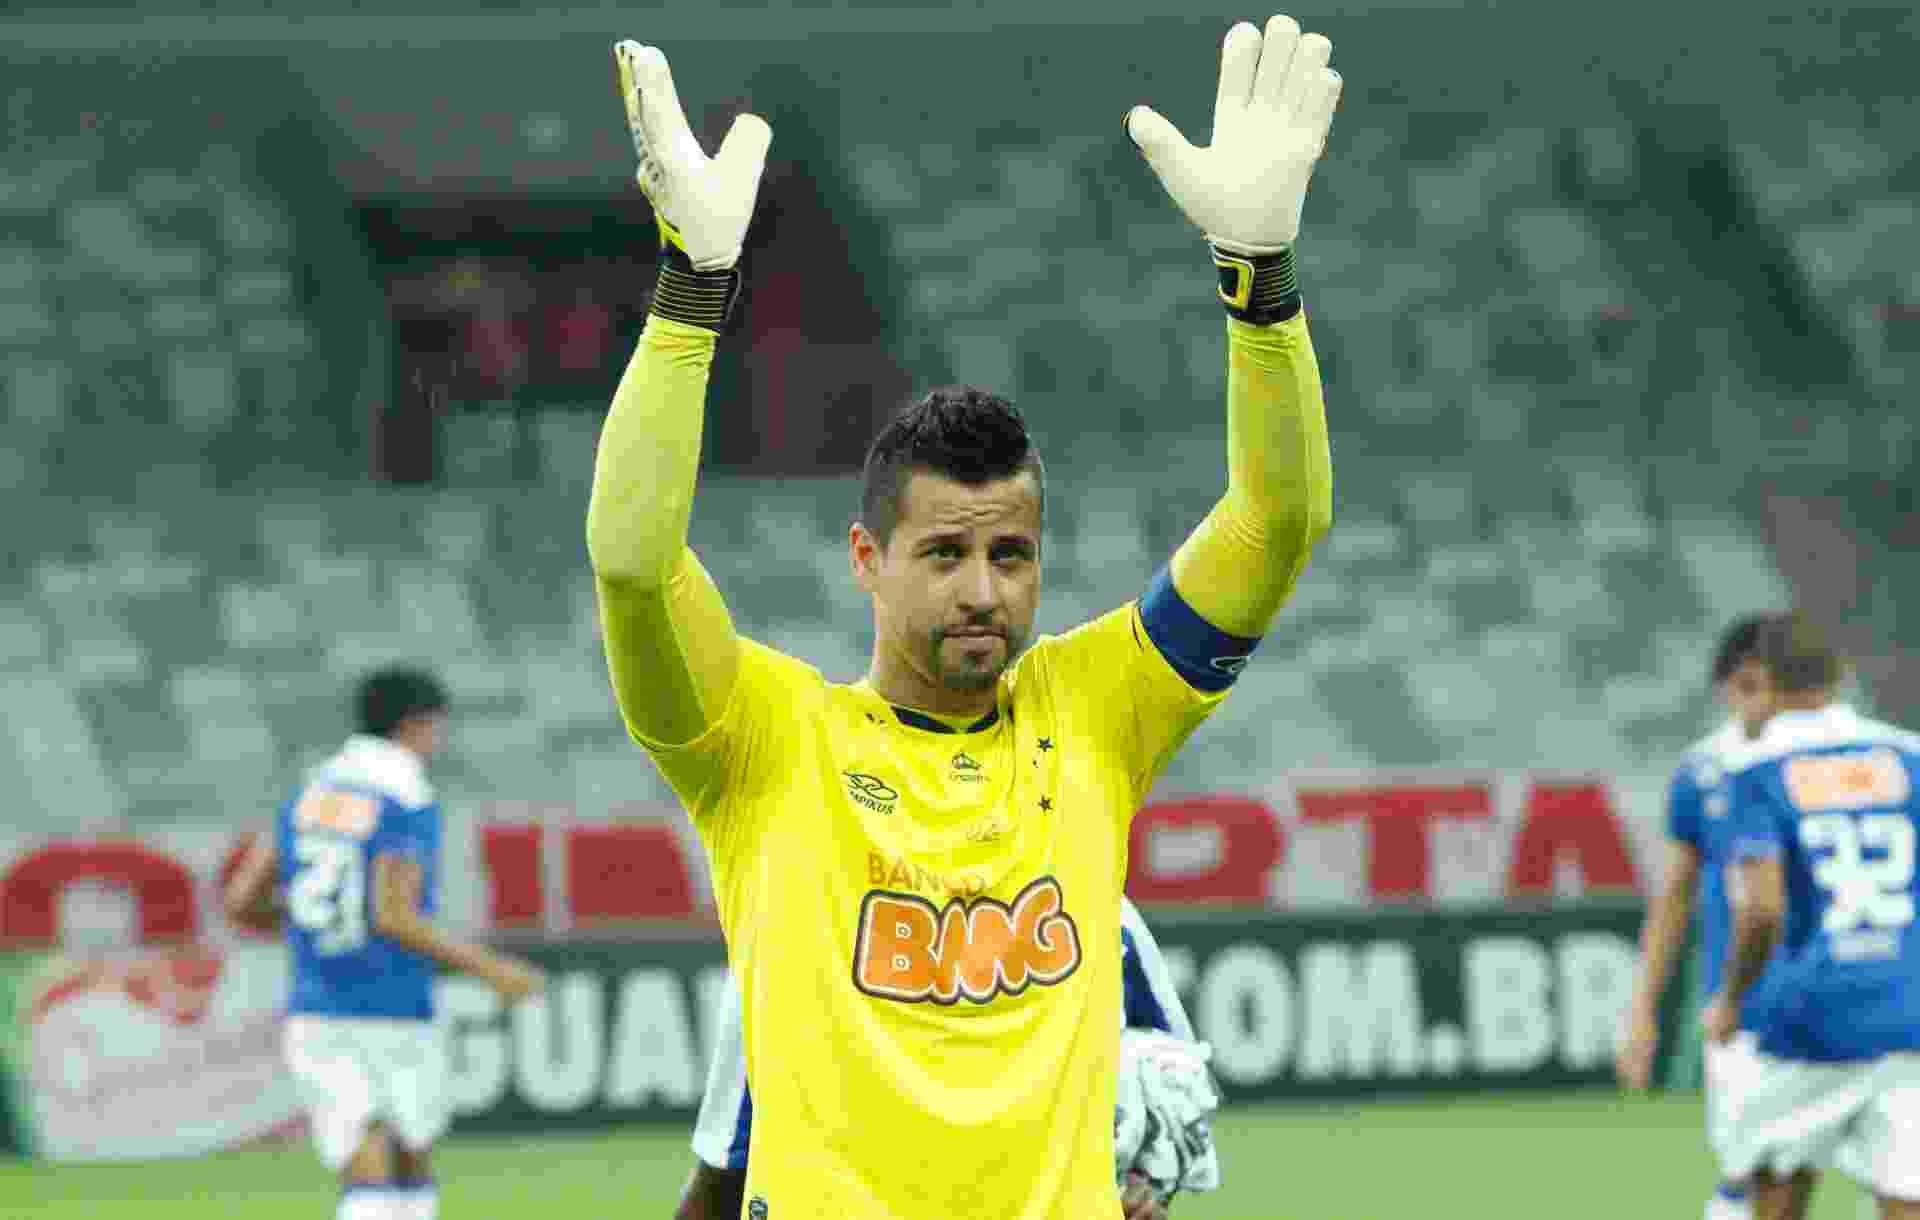 Goleiro Fábio, do Cruzeiro, acena para torcida após receber homenagem pelos 500 jogos pelo clube (14/07/2013) - Washington Alves/Vipcomm/Divulgação